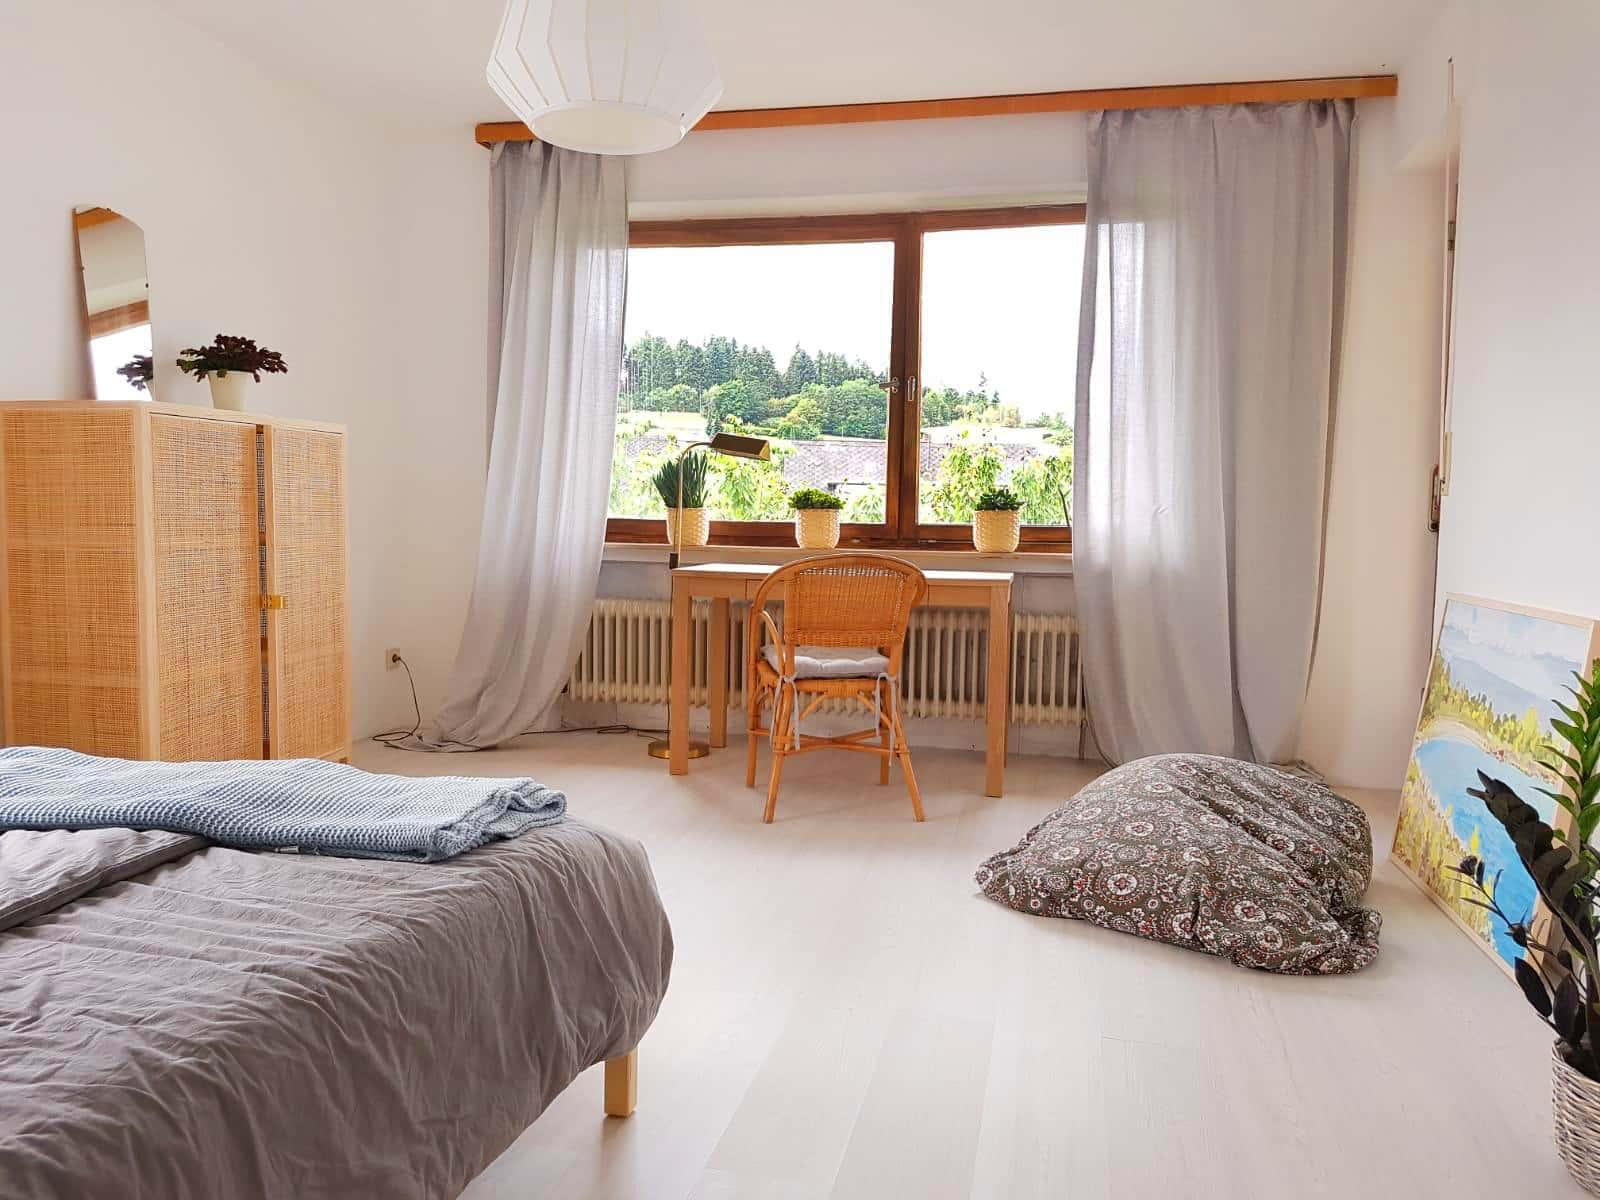 Sommerhaus Daun, Ferienhaus in der Eifel, Einrichtung und Ausstattung